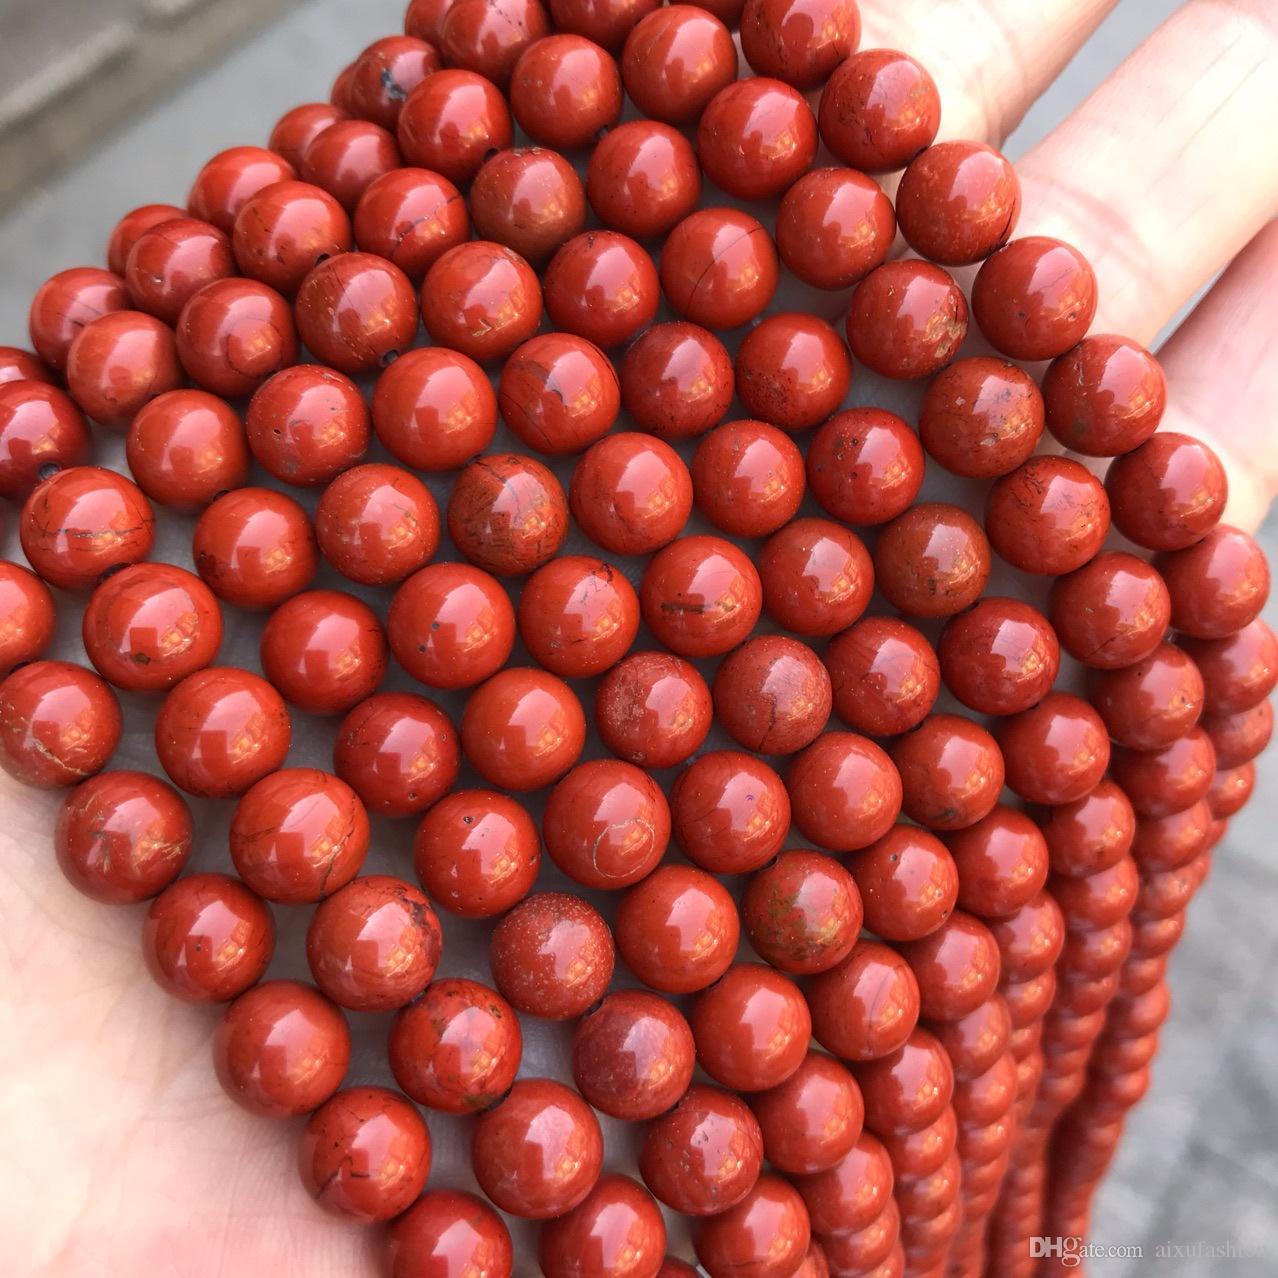 2020 4 6 8 10 12mm Genuine Natural Red Jasper Stone Beads Round